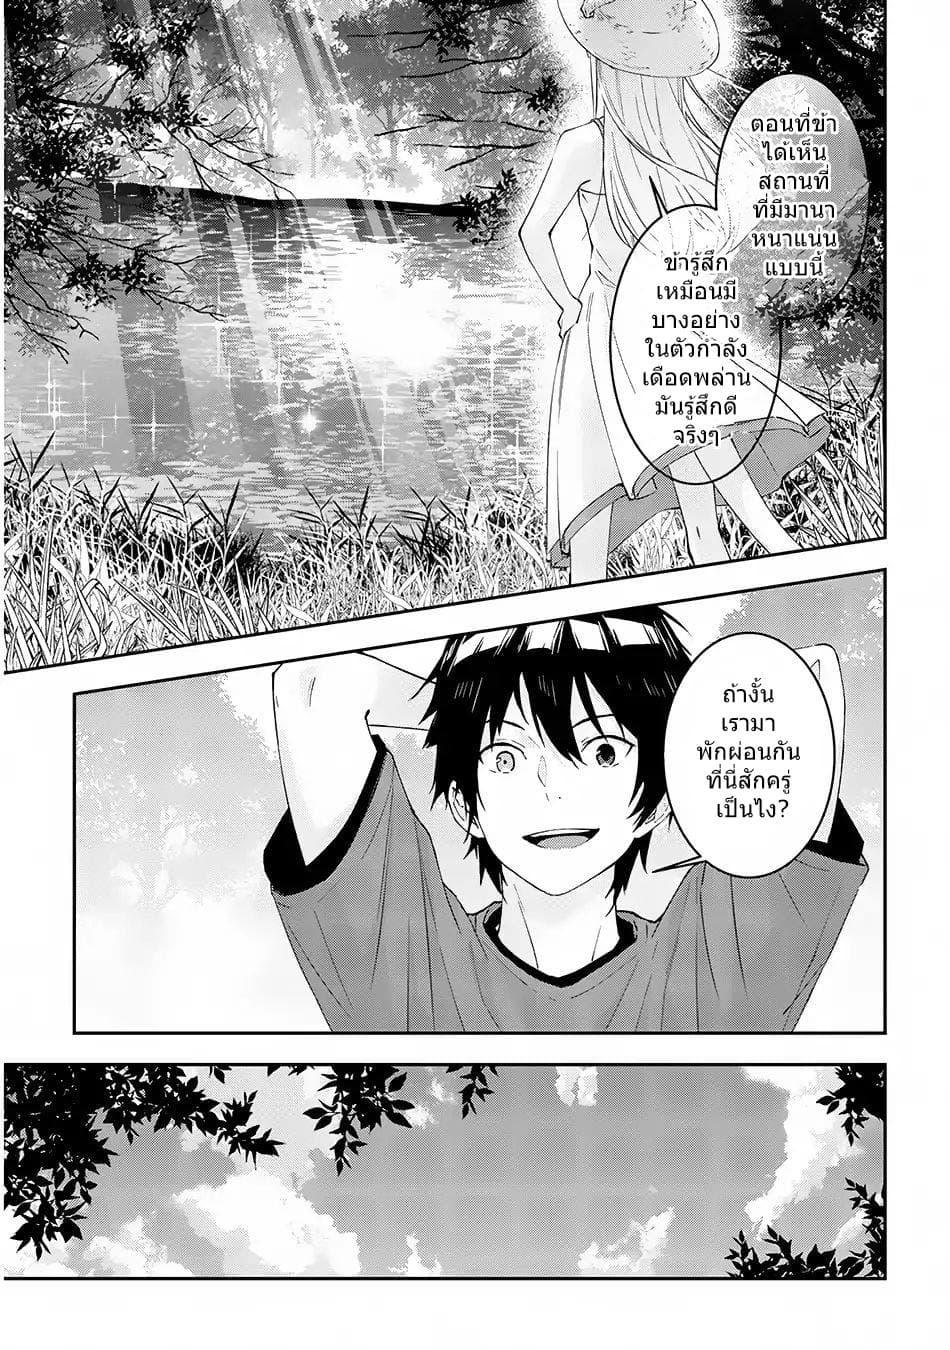 อ่านการ์ตูน Maou ni Natte node Dungeon Tsukutte Jingai Musume to Honobono suru ตอนที่ 14 หน้าที่ 11